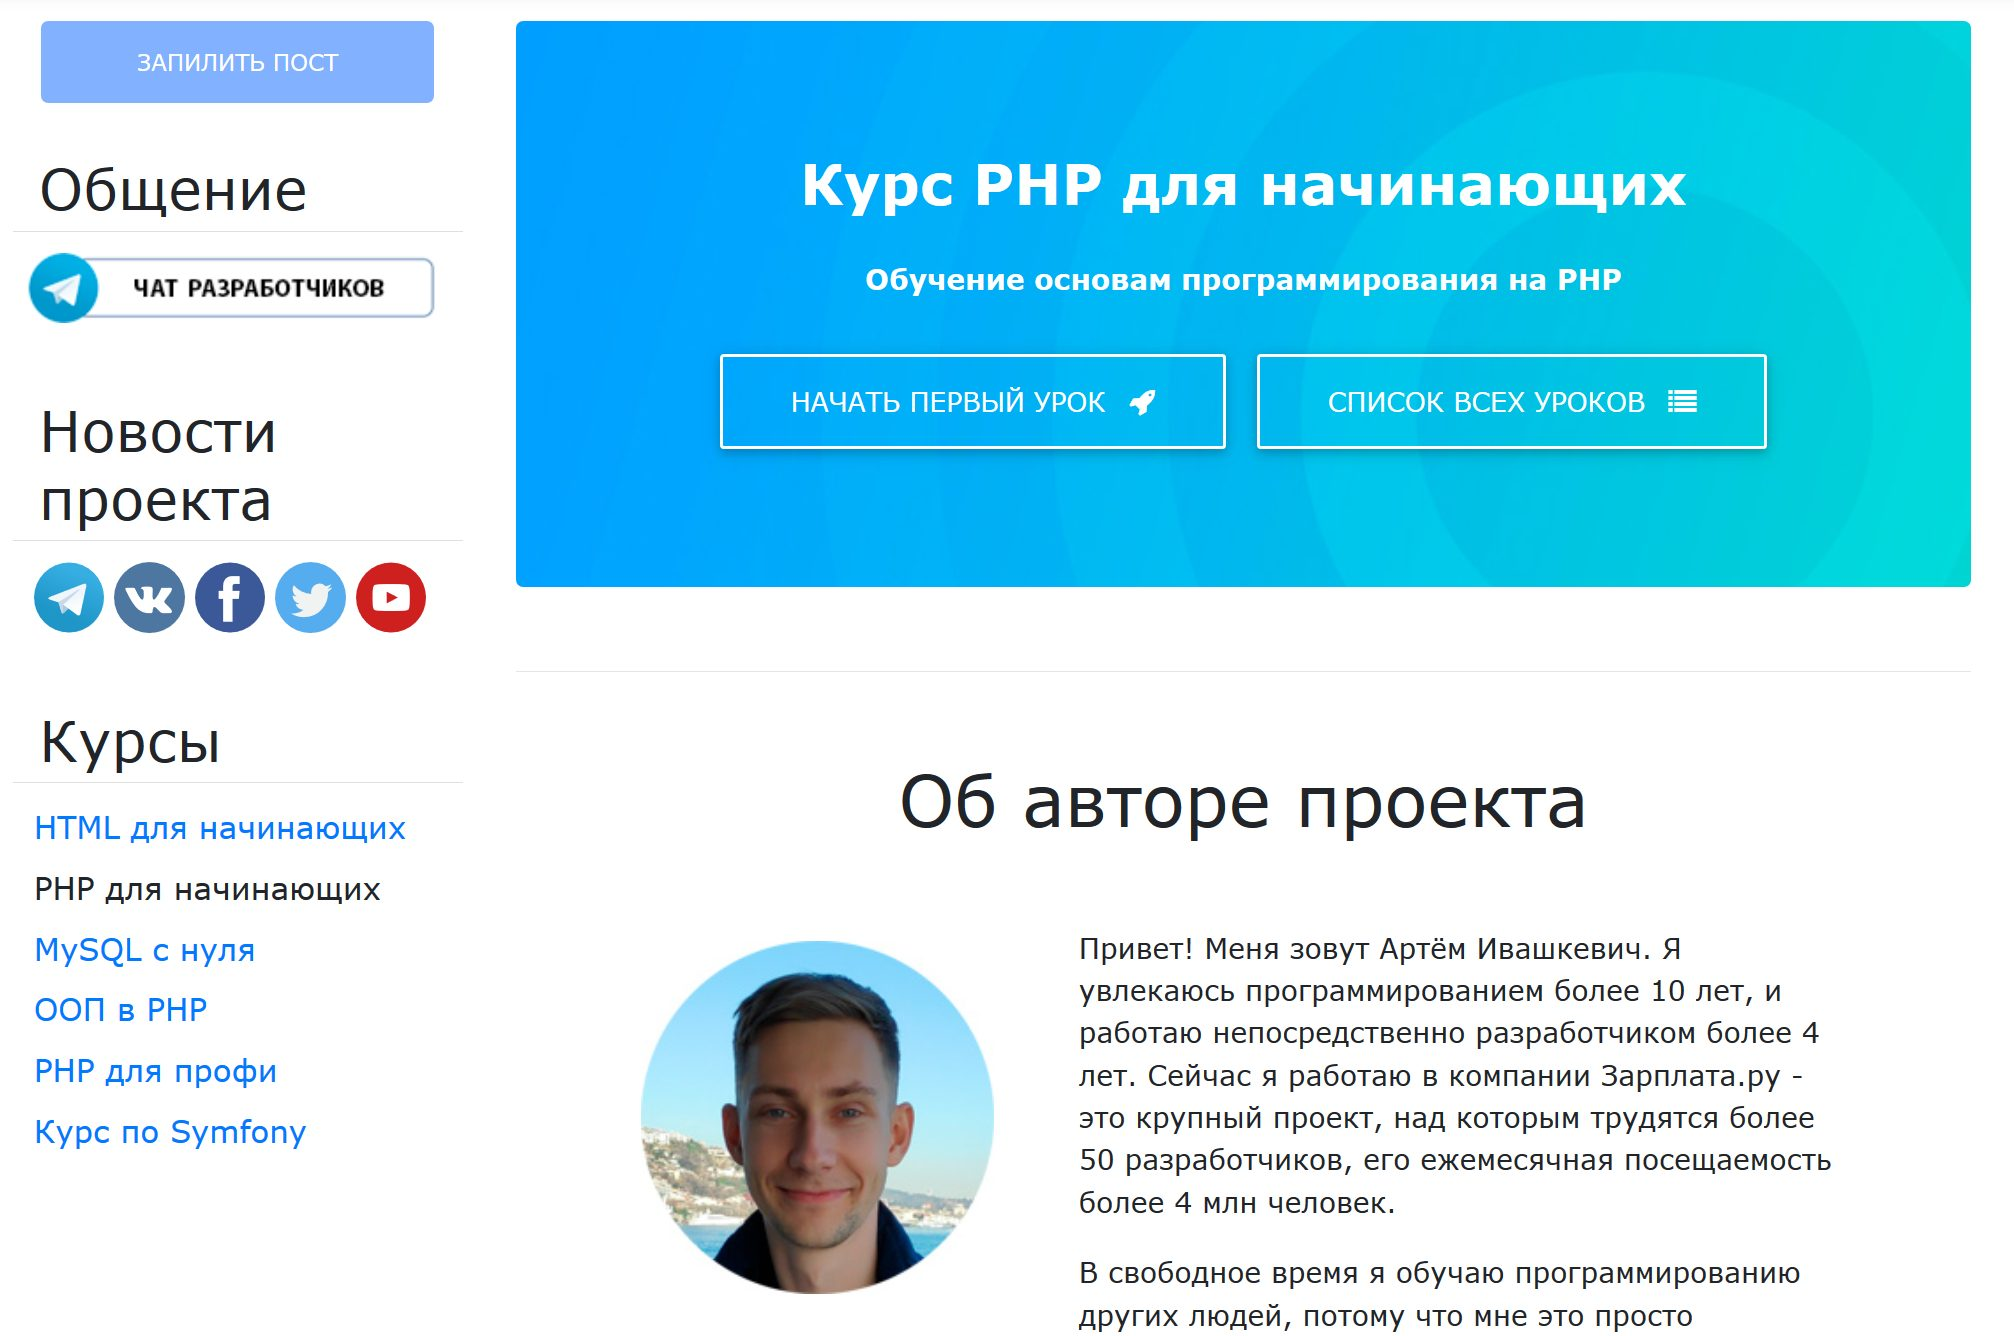 Курс PHP для начинающих онлайн уроки программирования